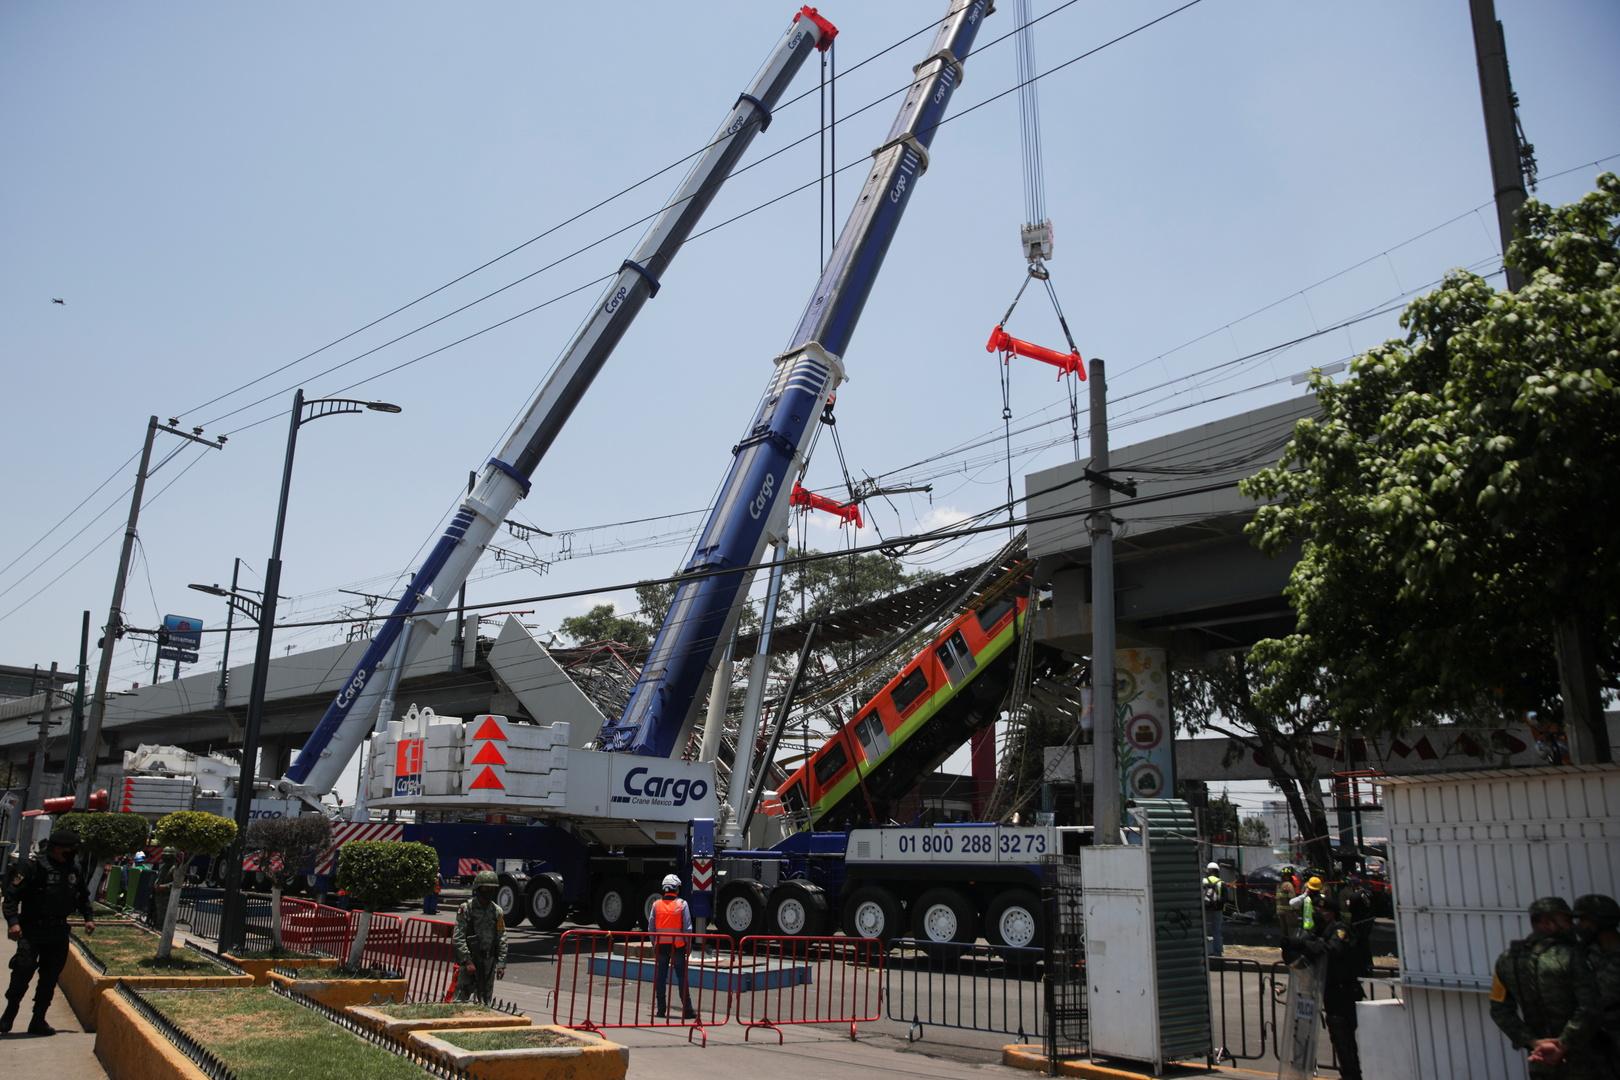 ارتفاع حصيلة ضحايا انهيار الجسر في مكسيكو إلى 24 قتيلا